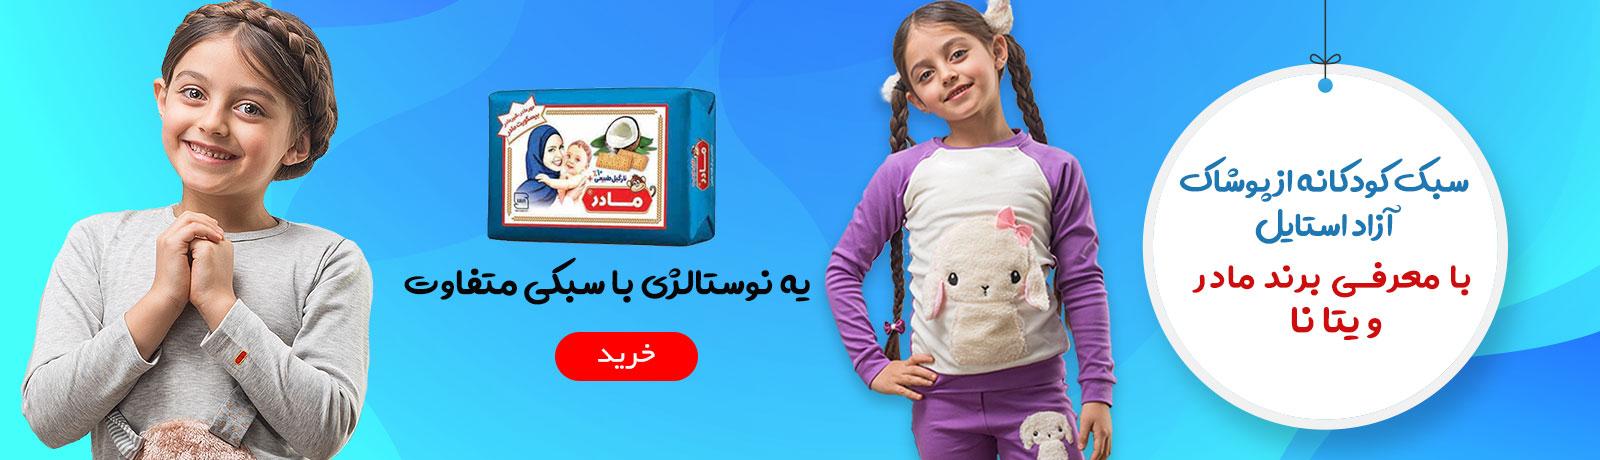 اسلاید پوشاک بچگانه